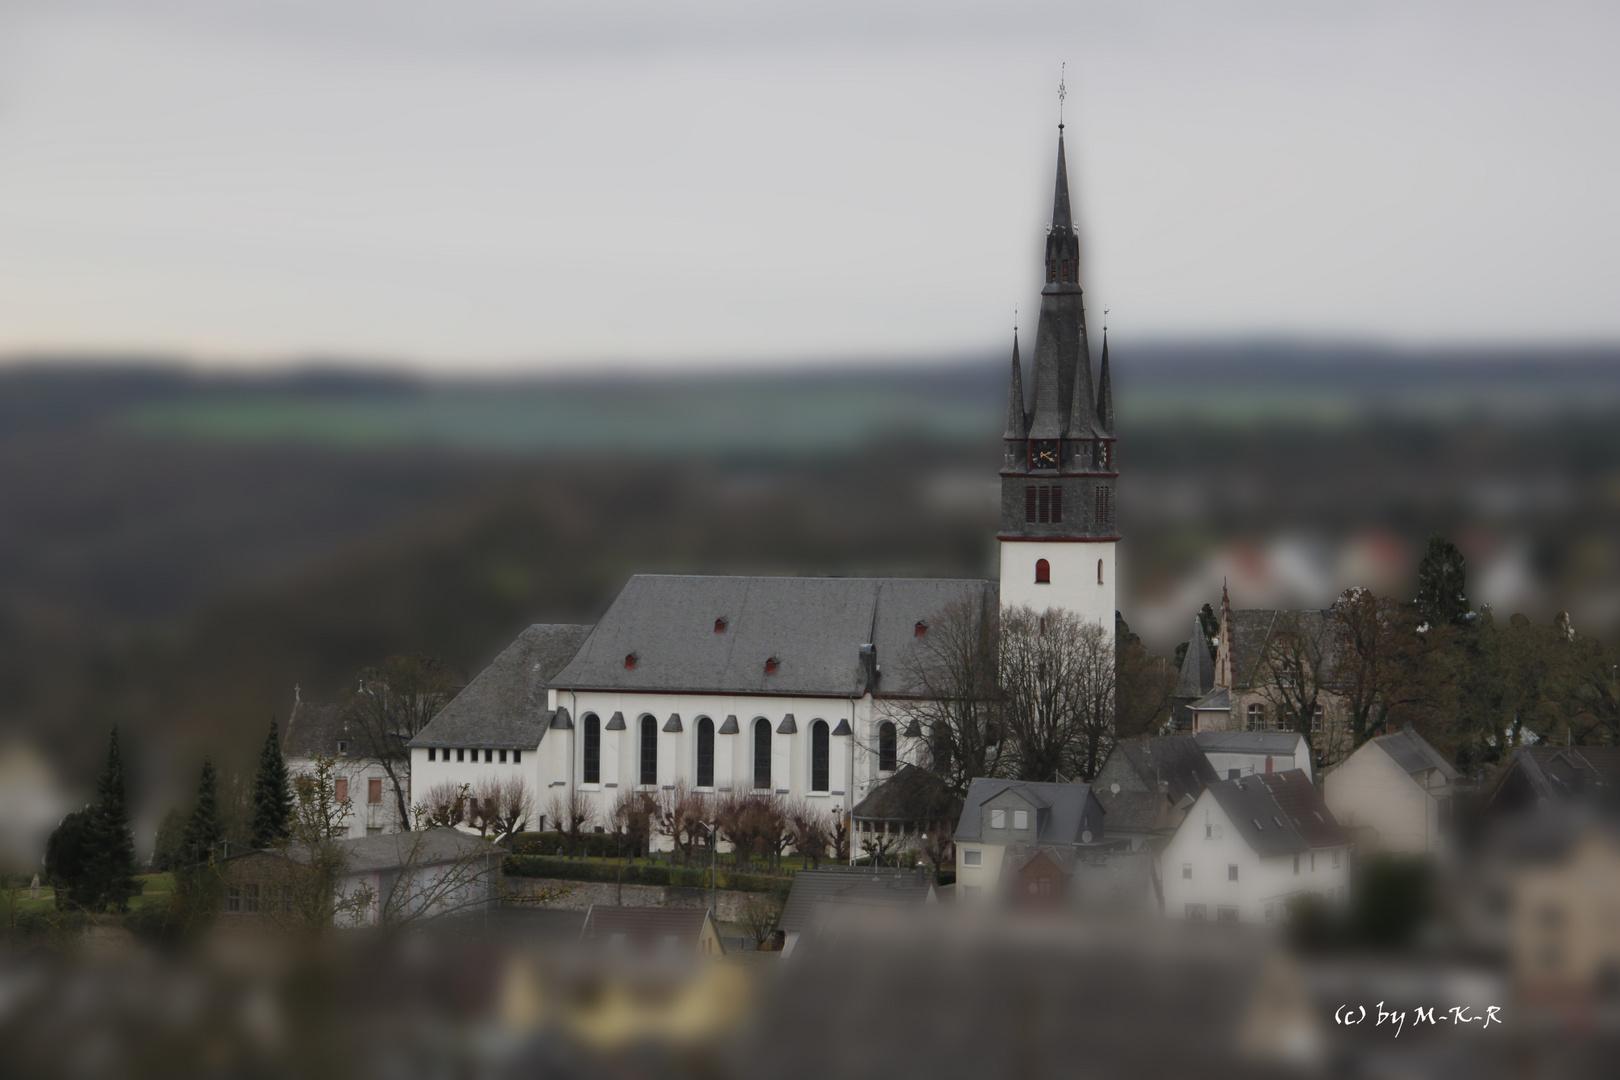 Pfarrkirche Villmar miniature